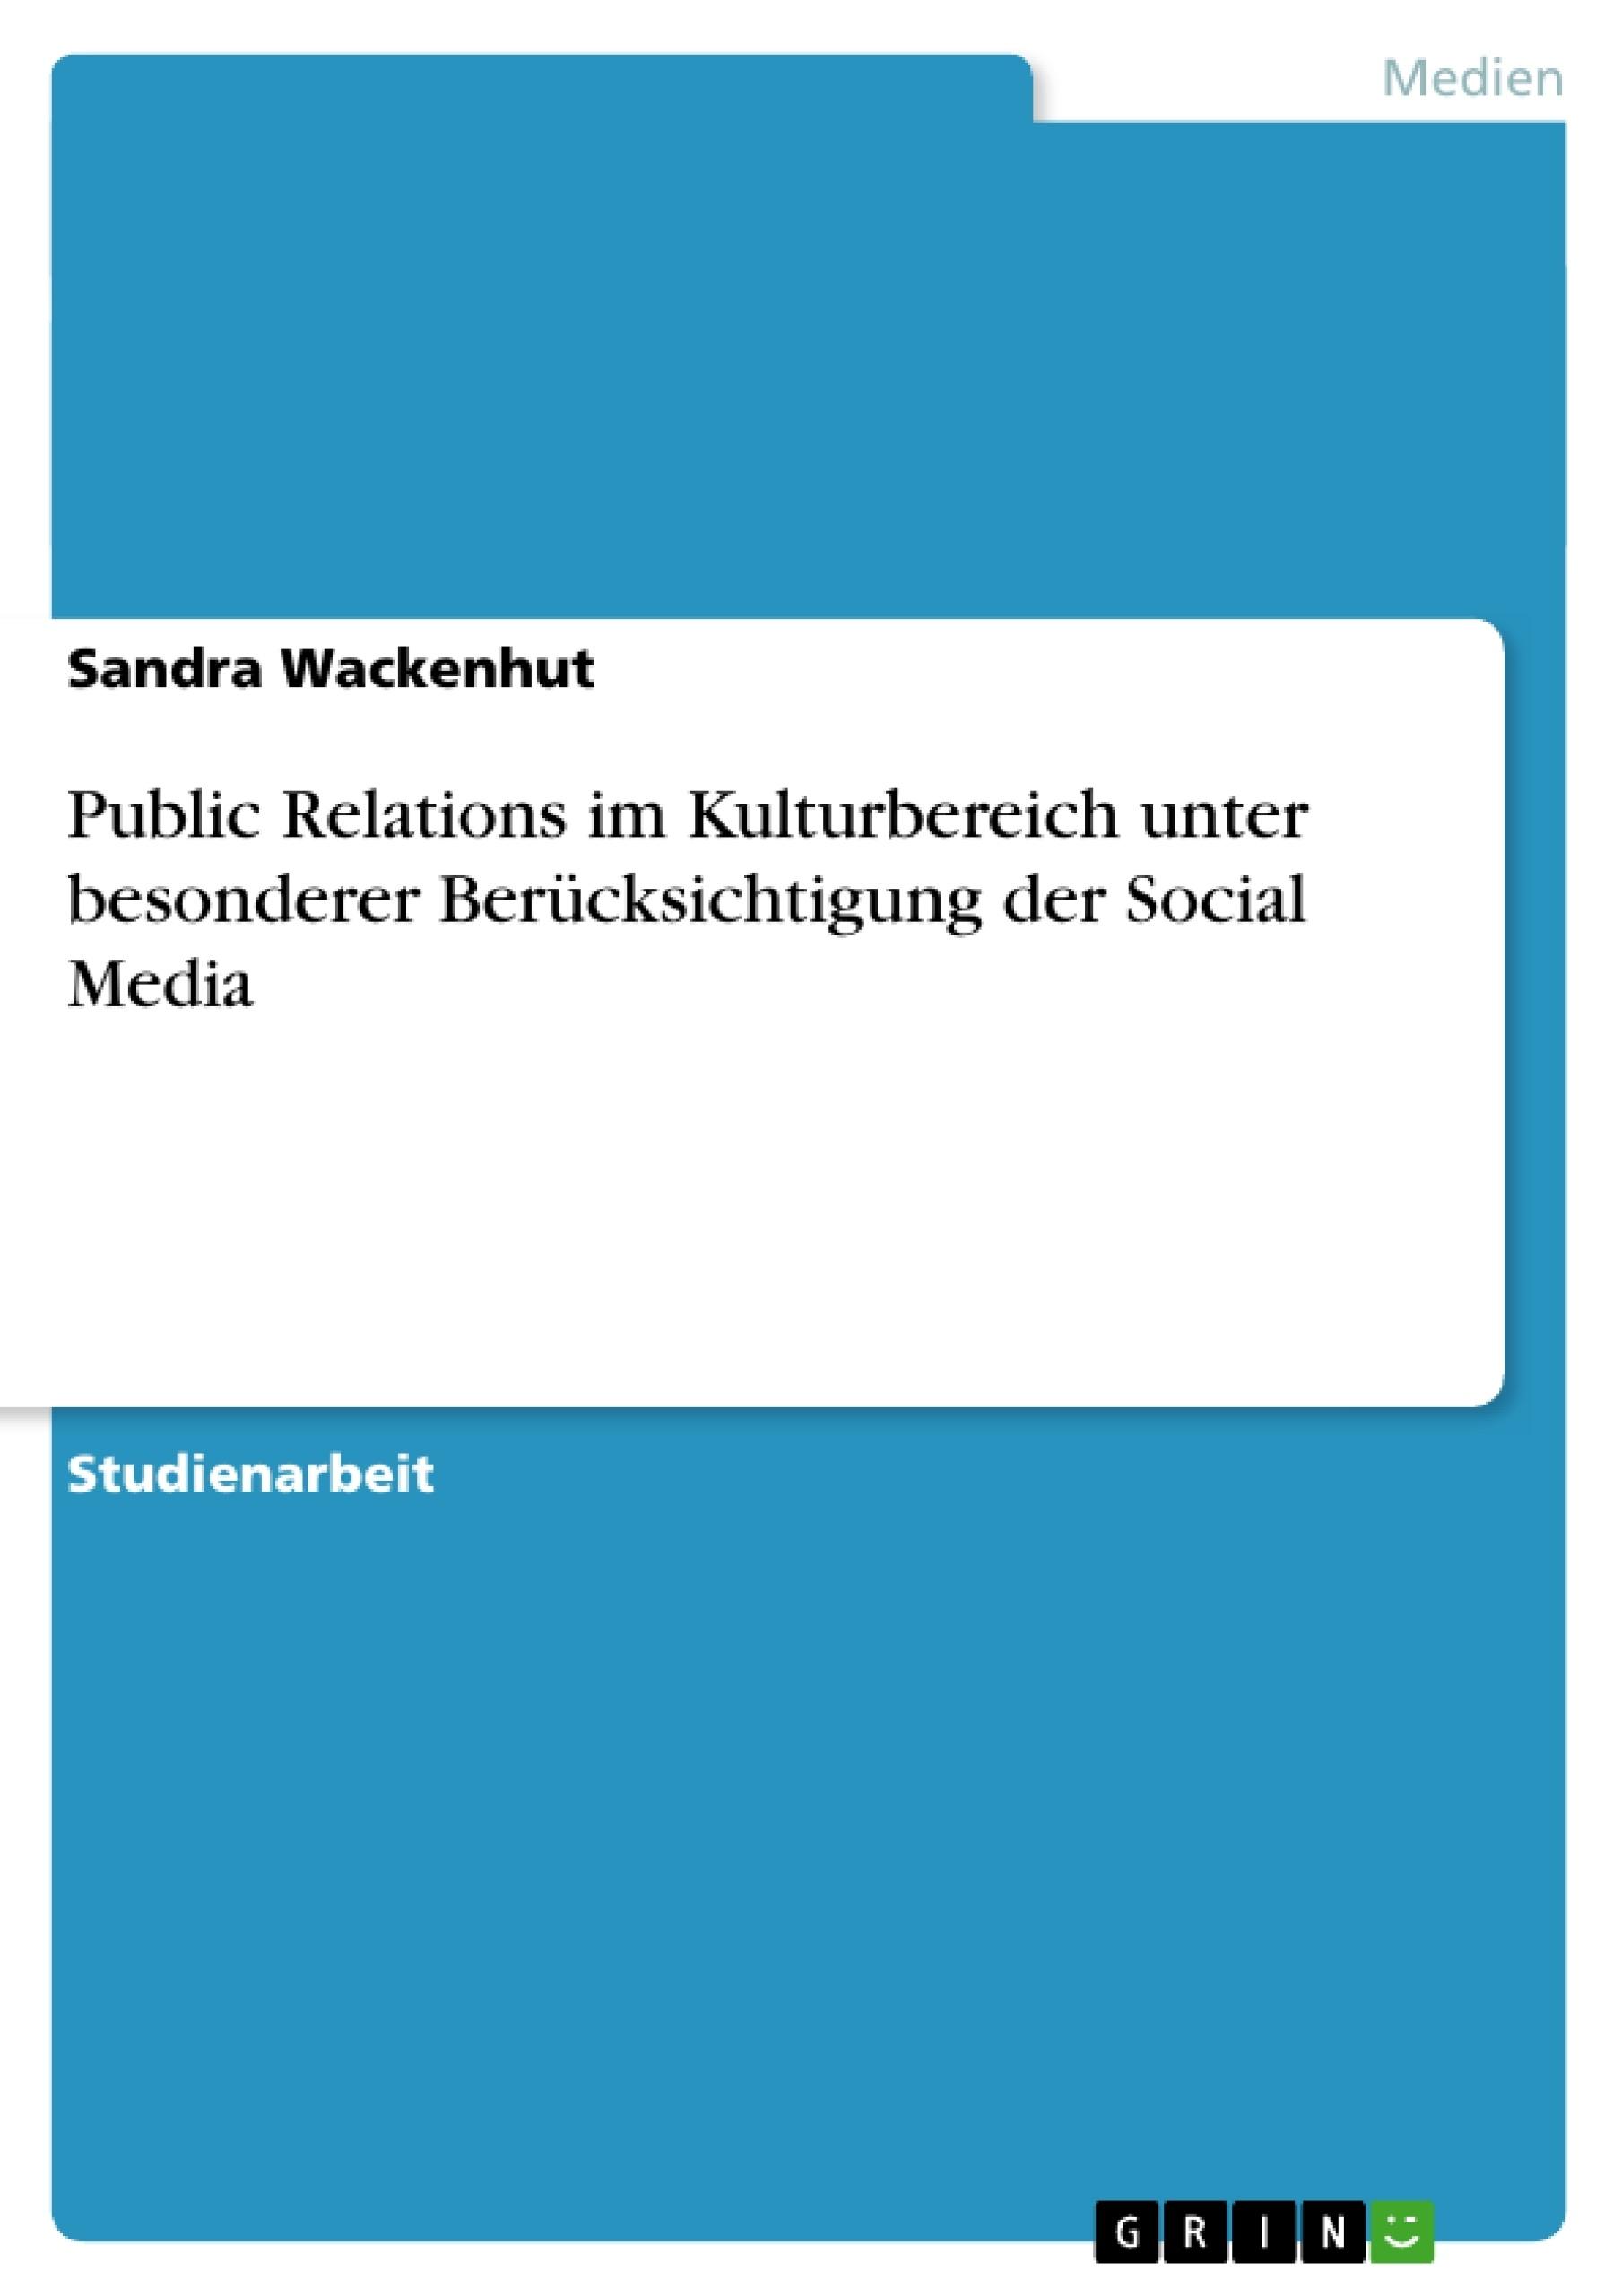 Titel: Public Relations im Kulturbereich unter besonderer Berücksichtigung der Social Media